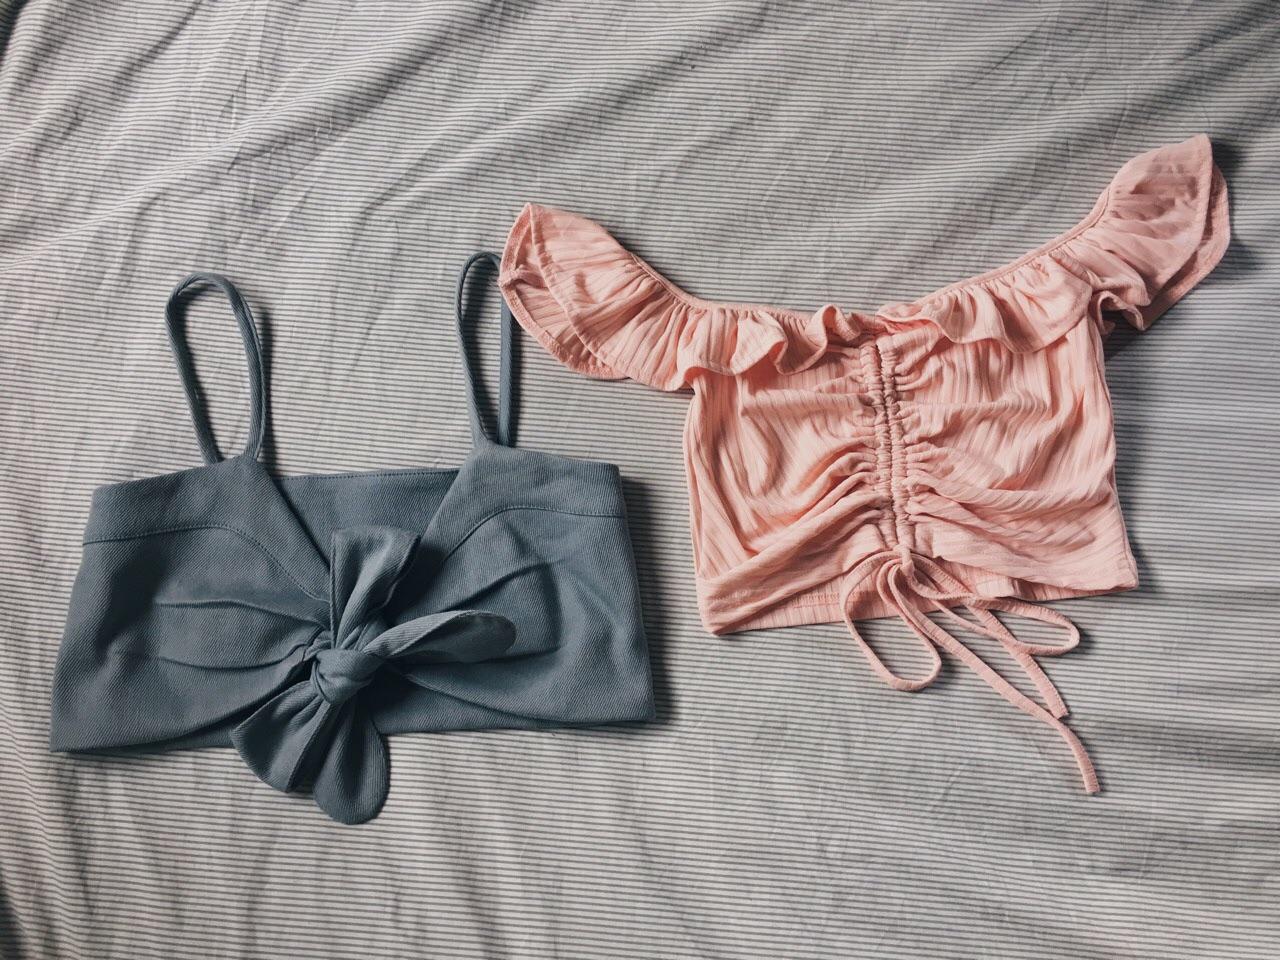 ammabshop,เสื้อครอป,เสื้อผู้หญิง,เสื้อผ้าผู้หญิง,เสื้อปาดไหล่,ปาดไหล่,เสื้อเปิดไหล่,เปิดไหล่,เสื้อสายเดี่ยว,สายเดี่ยว